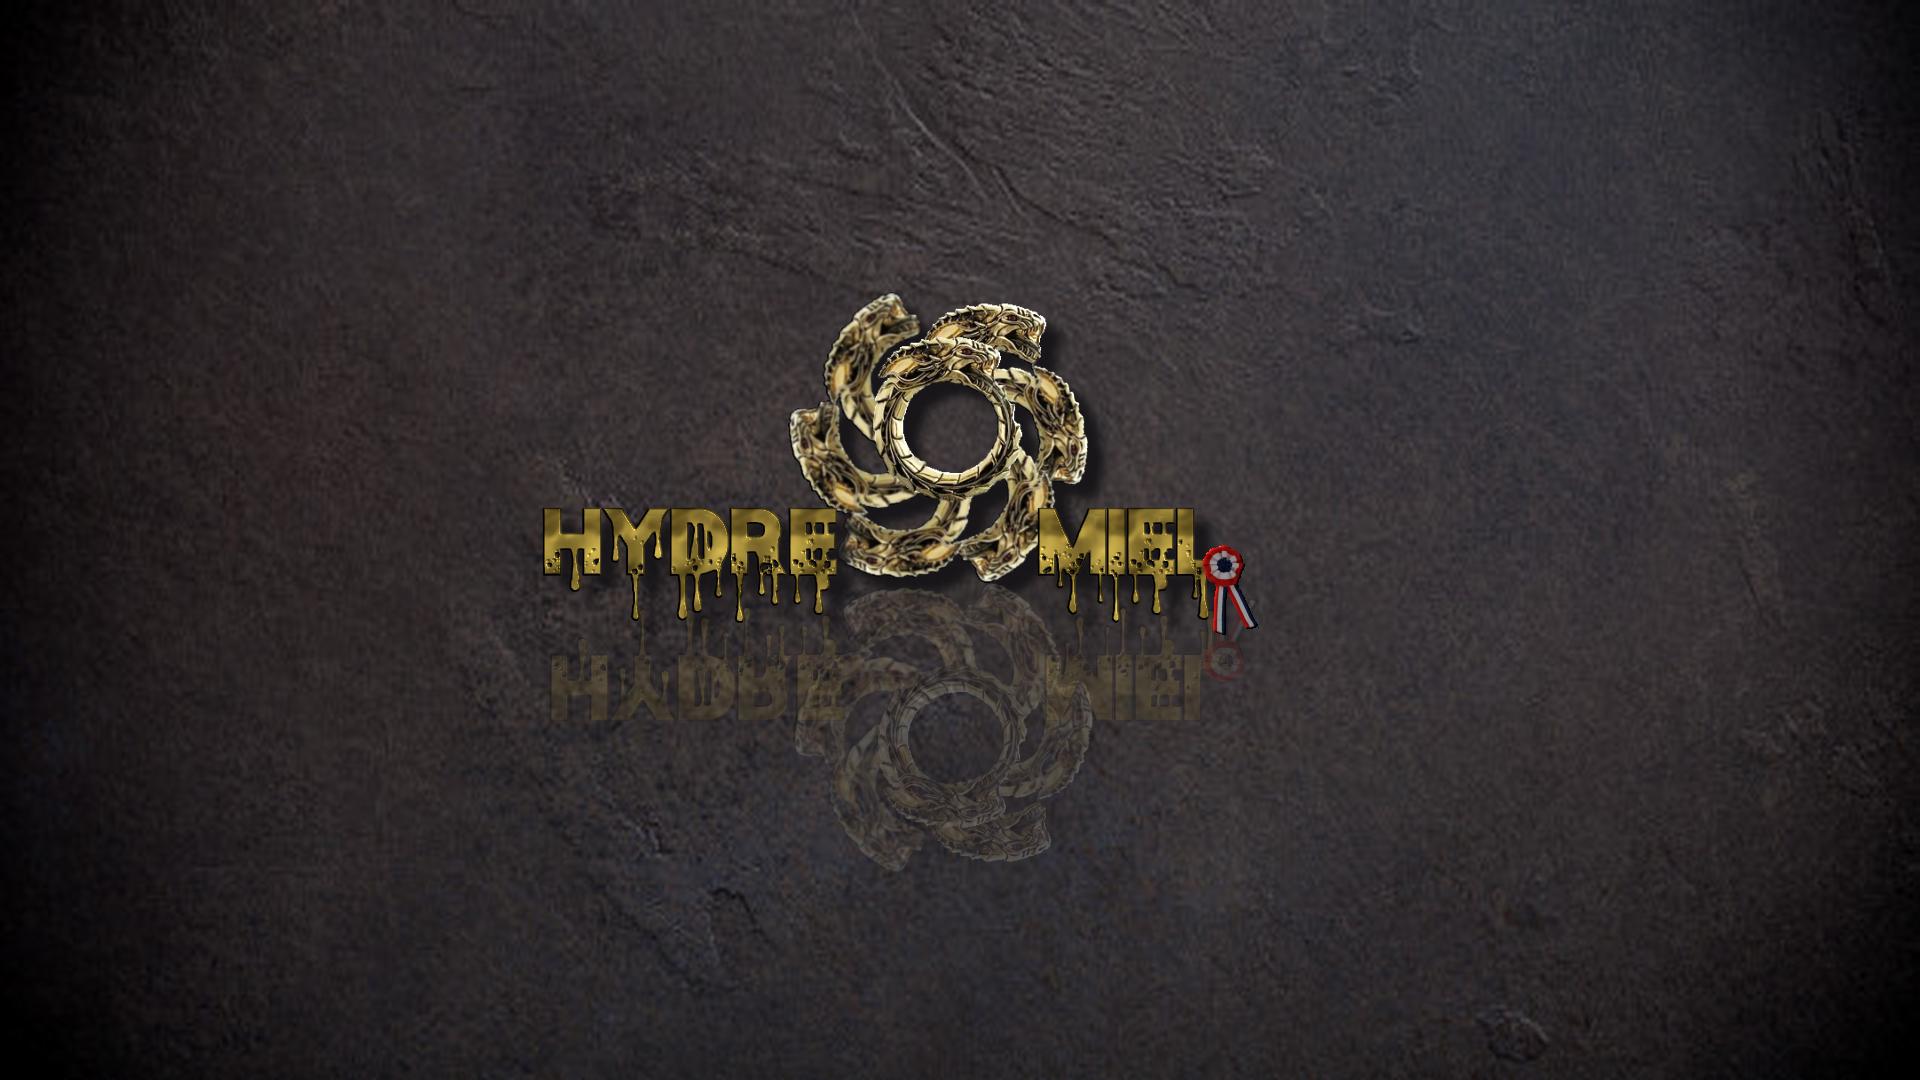 Hydre2 1920x1080